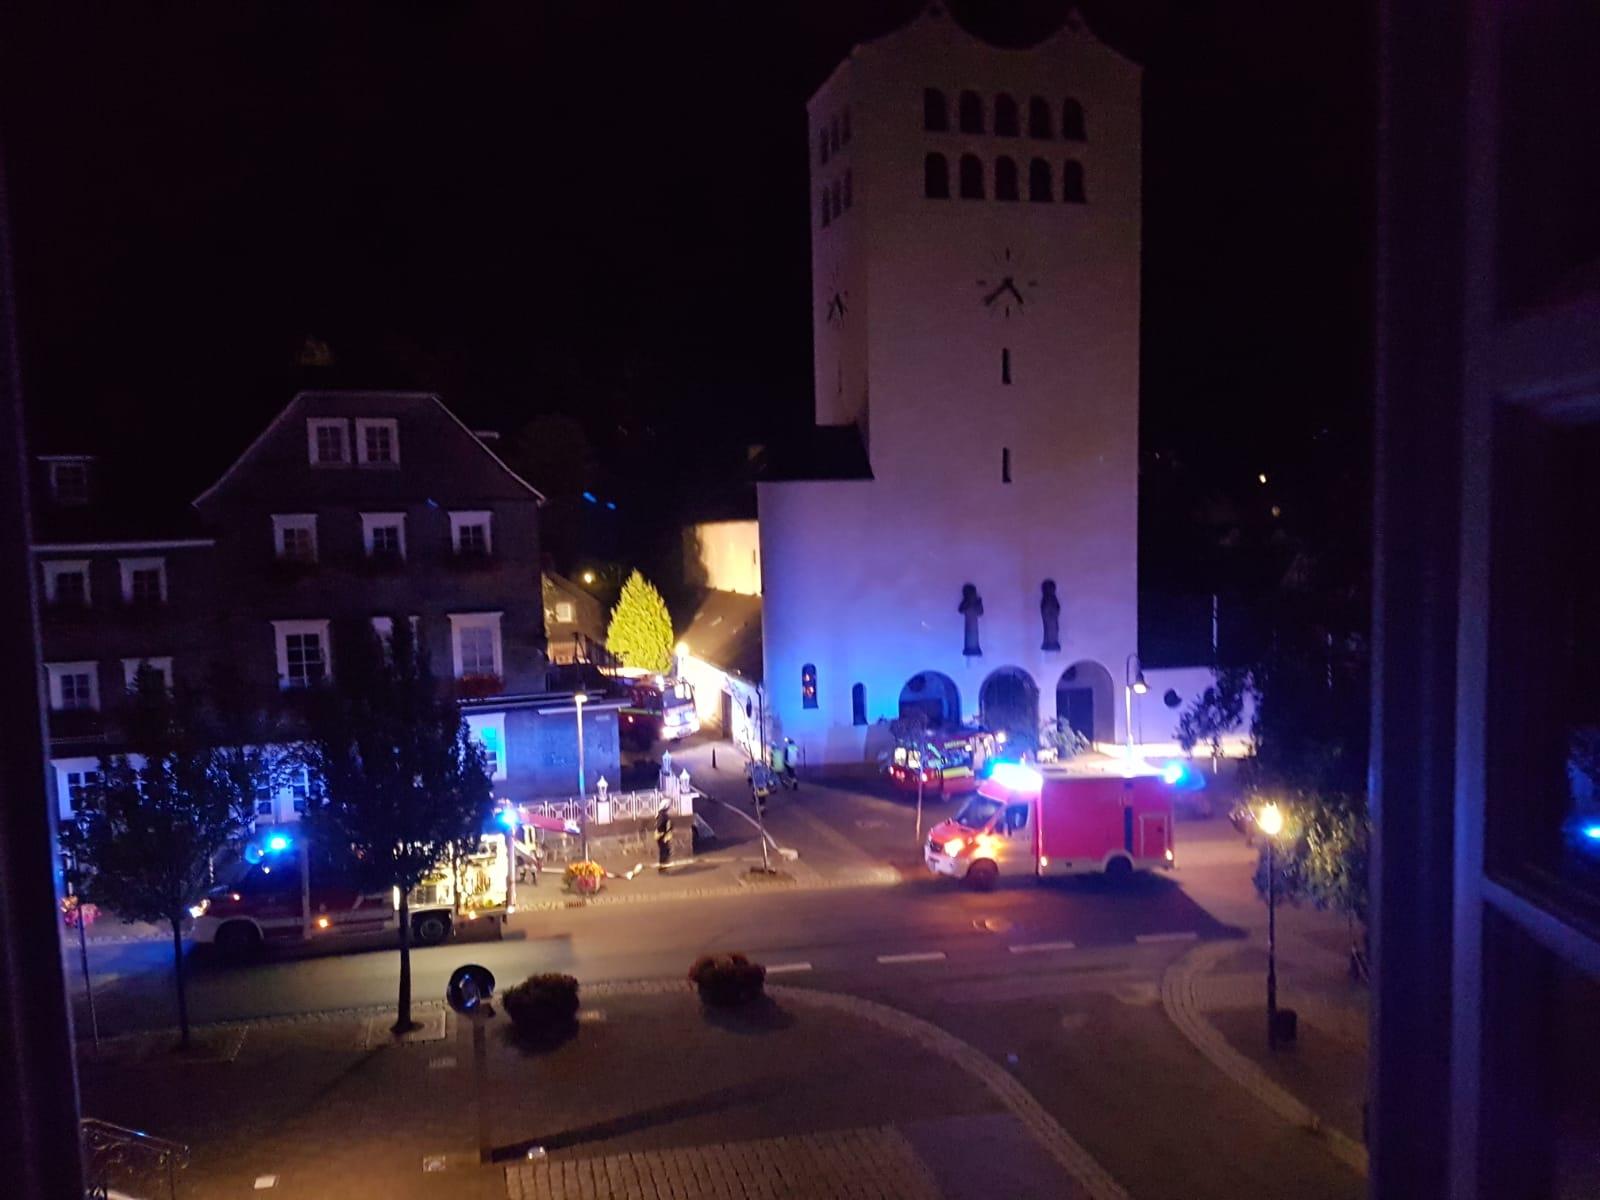 Brand in den frühen Morgenstunden im Franz Stock Haus in Bad Fredeburg – eine Person über Drehleiter gerettet